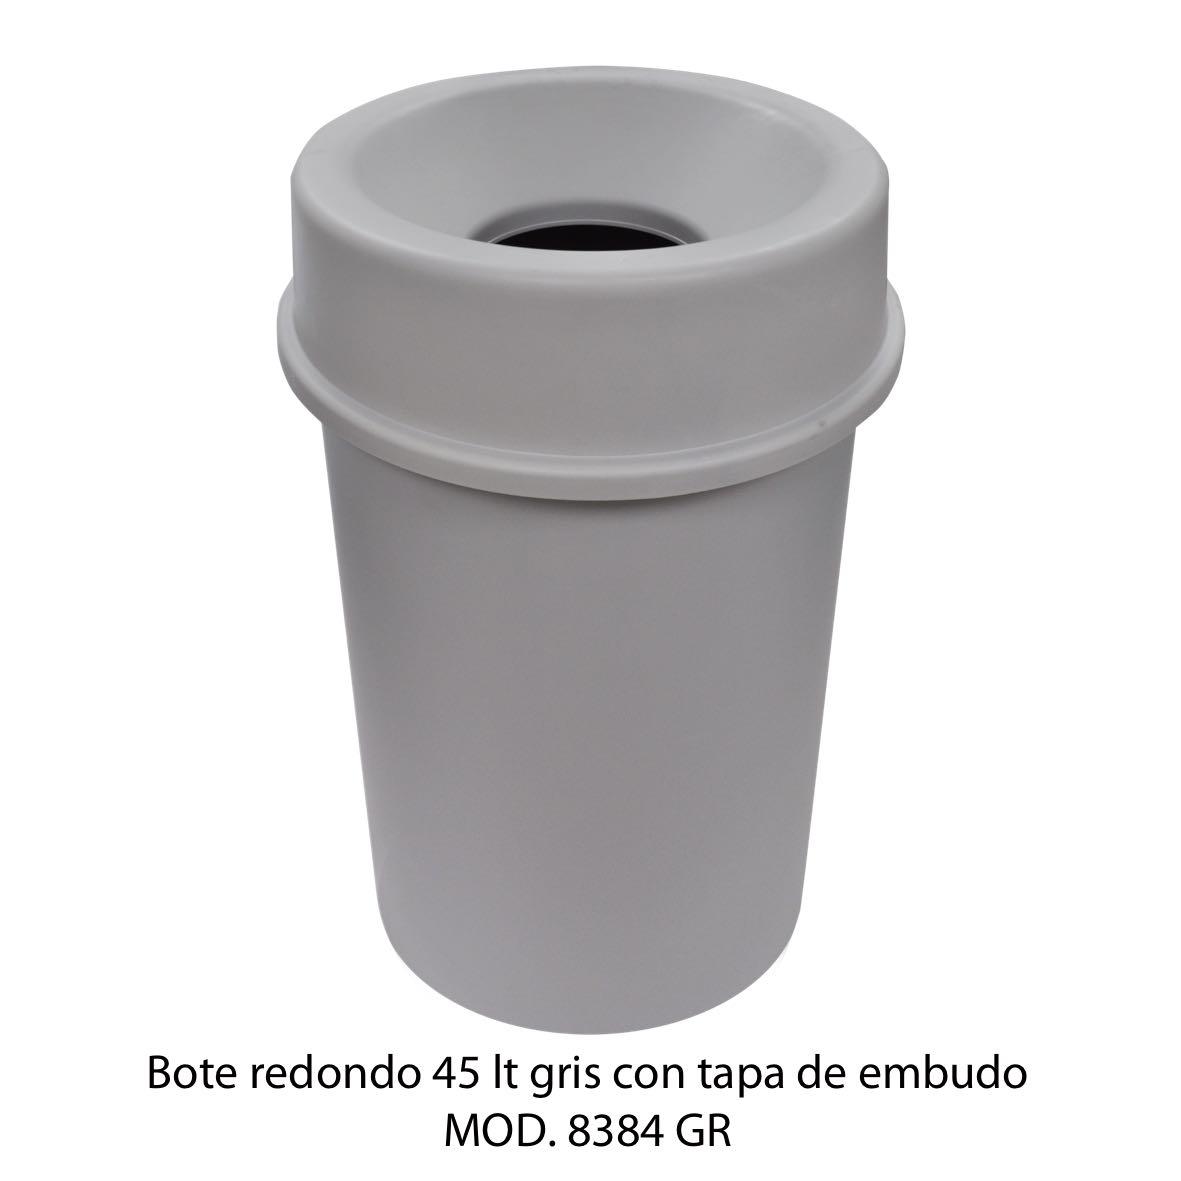 Bote de basura redondo 45 litros con tapa de embudo color gris modelo 8384 GR Sablón